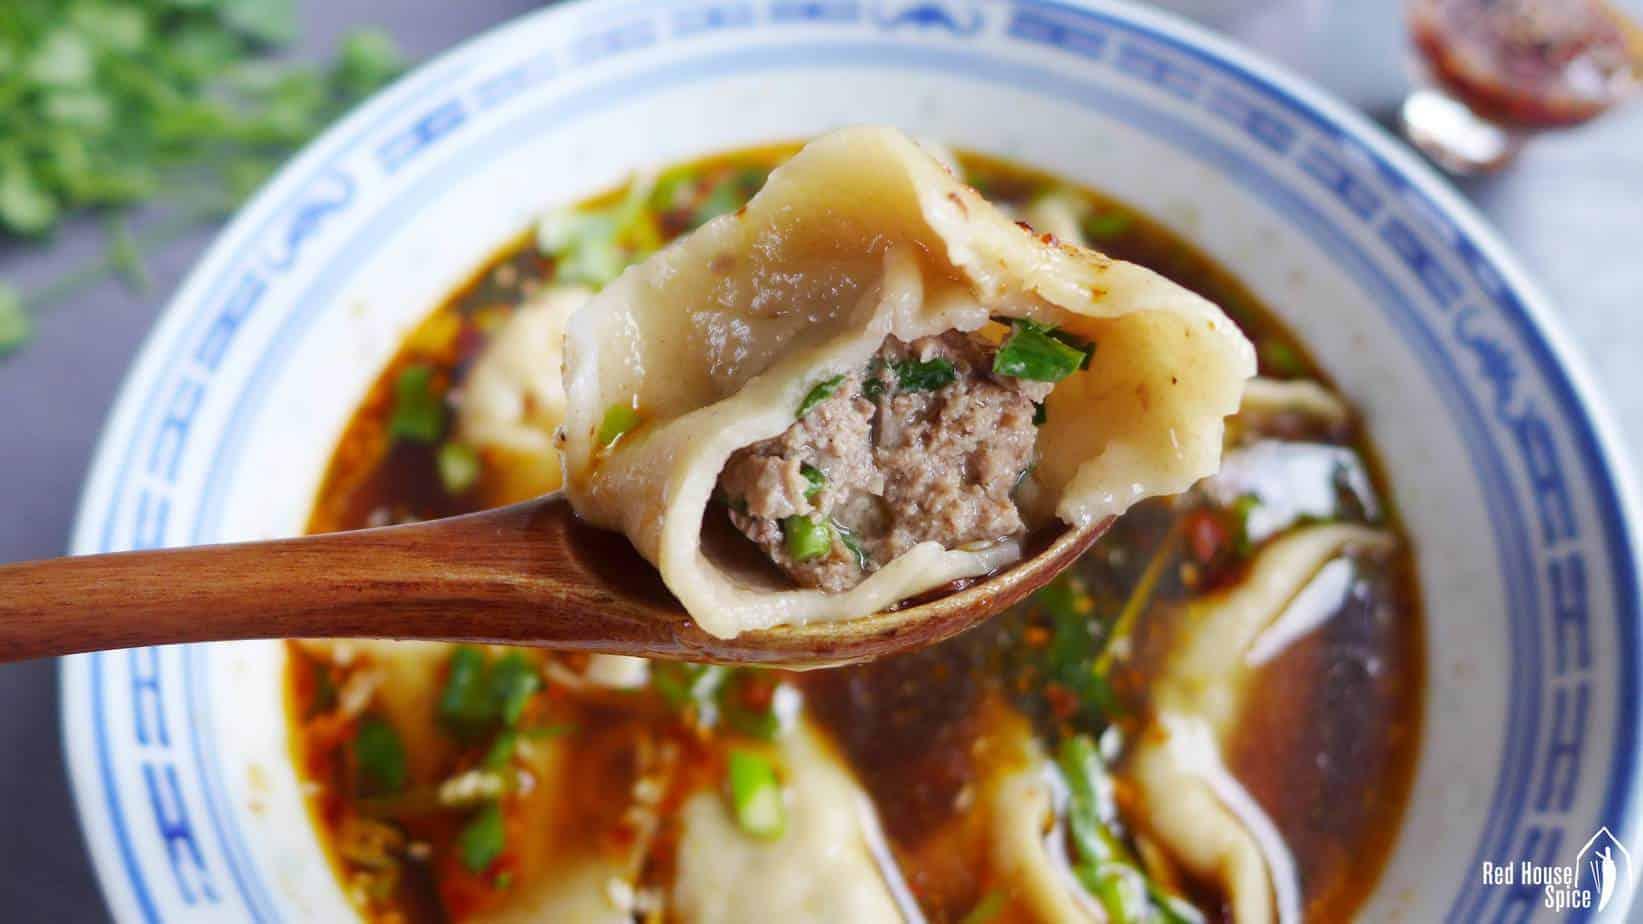 A half eaten beef dumpling.